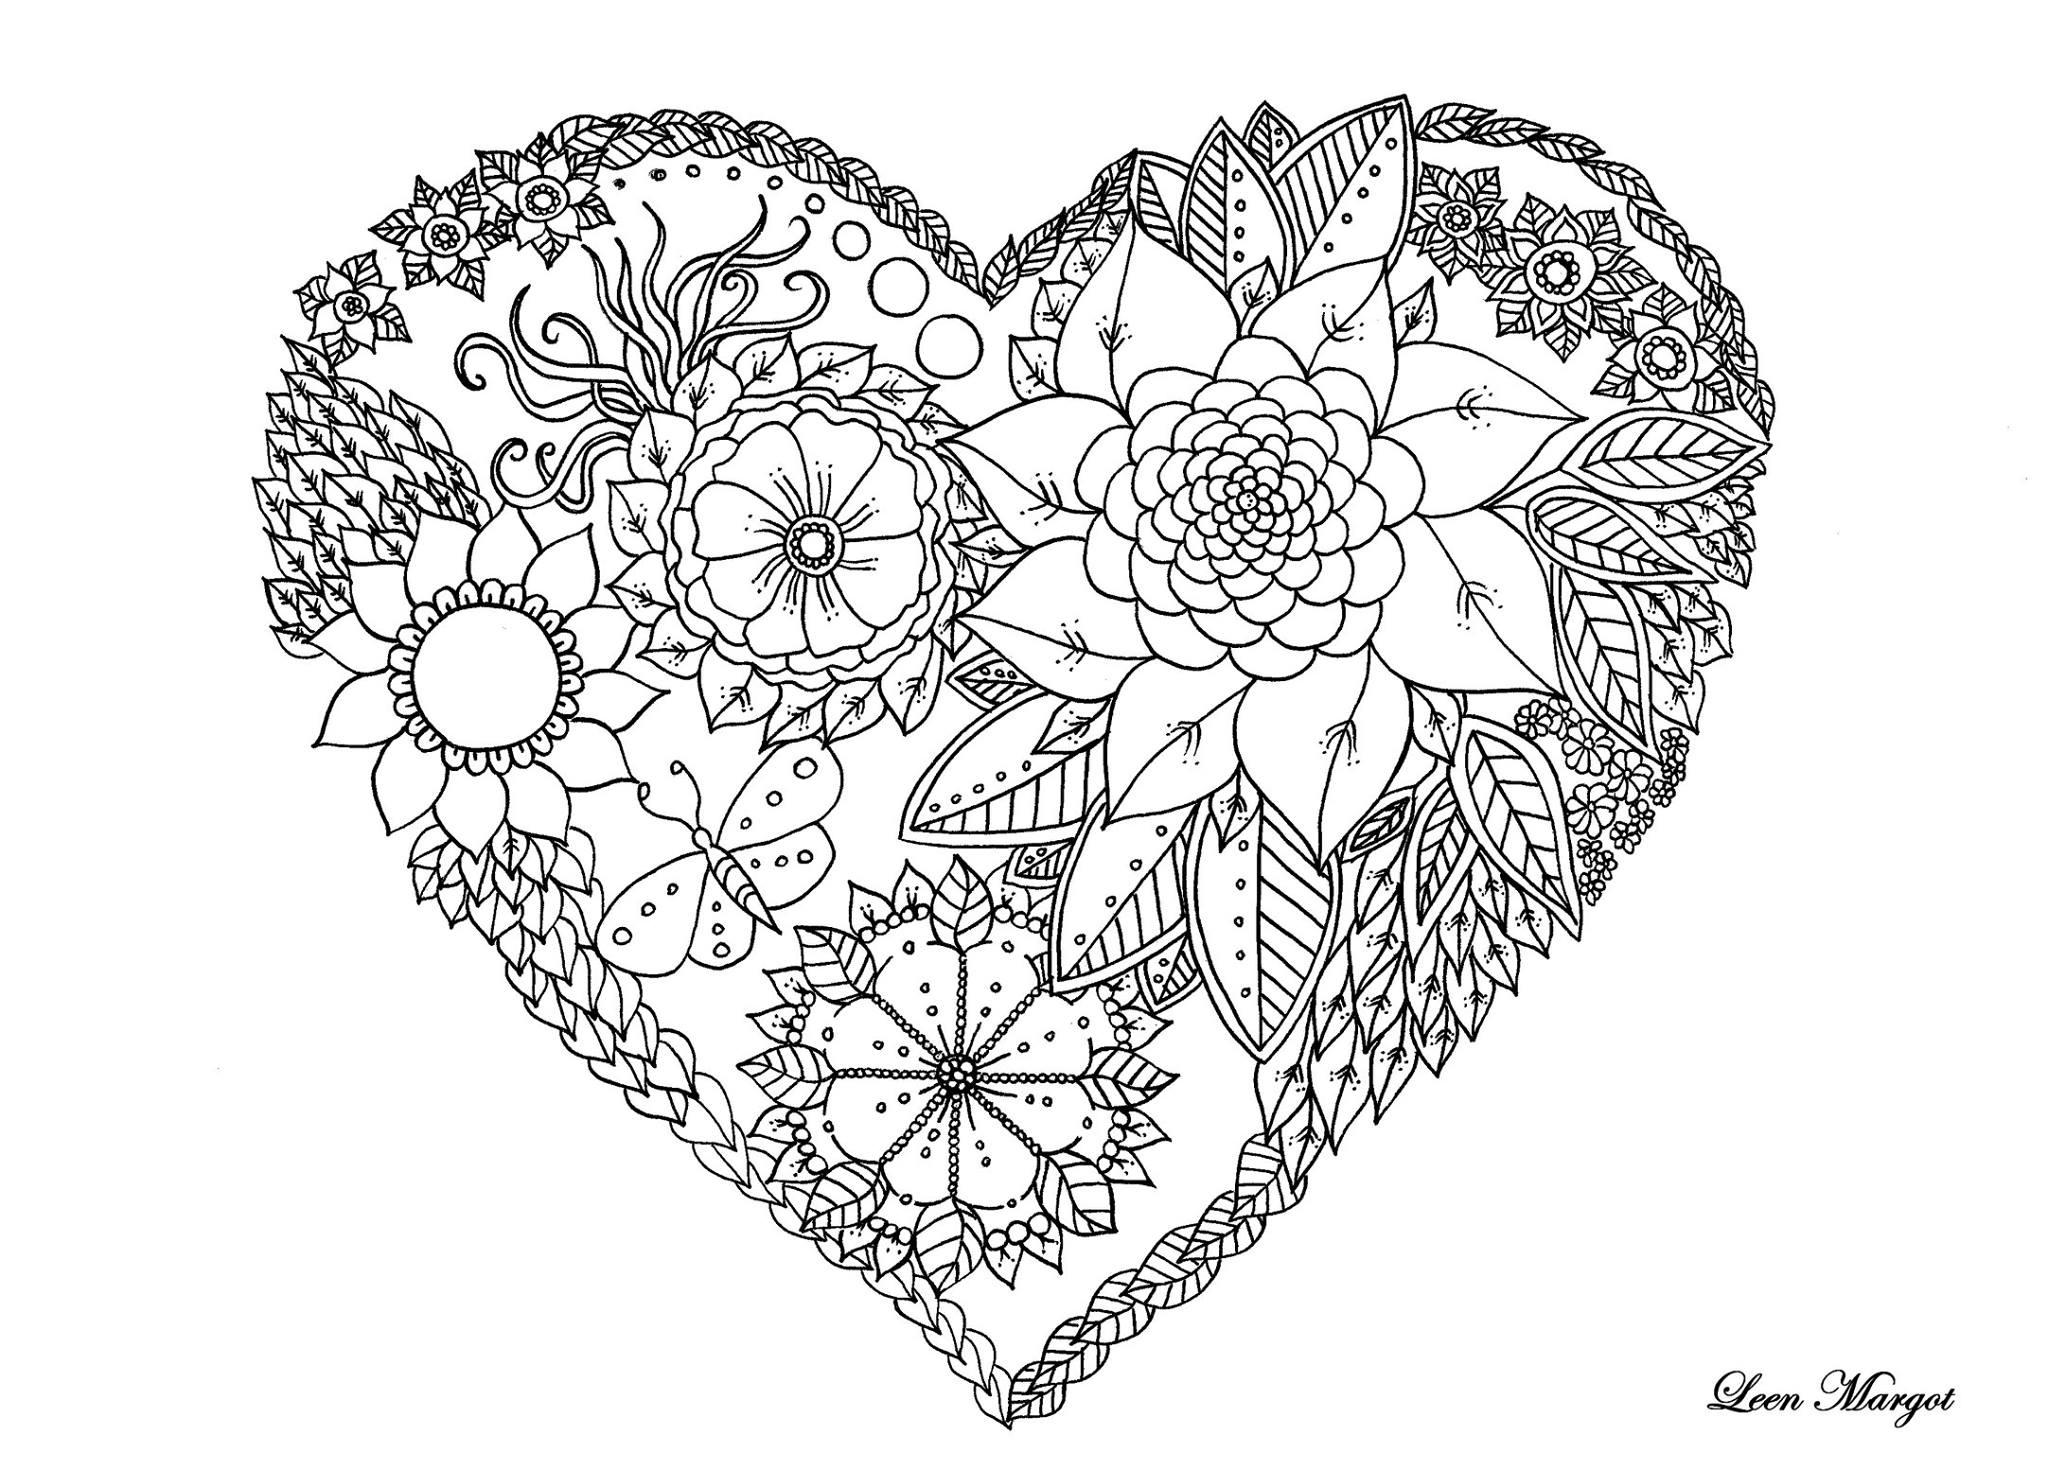 Coloriage de coeur saint valentin par leen margot - Coeur coloriage ...